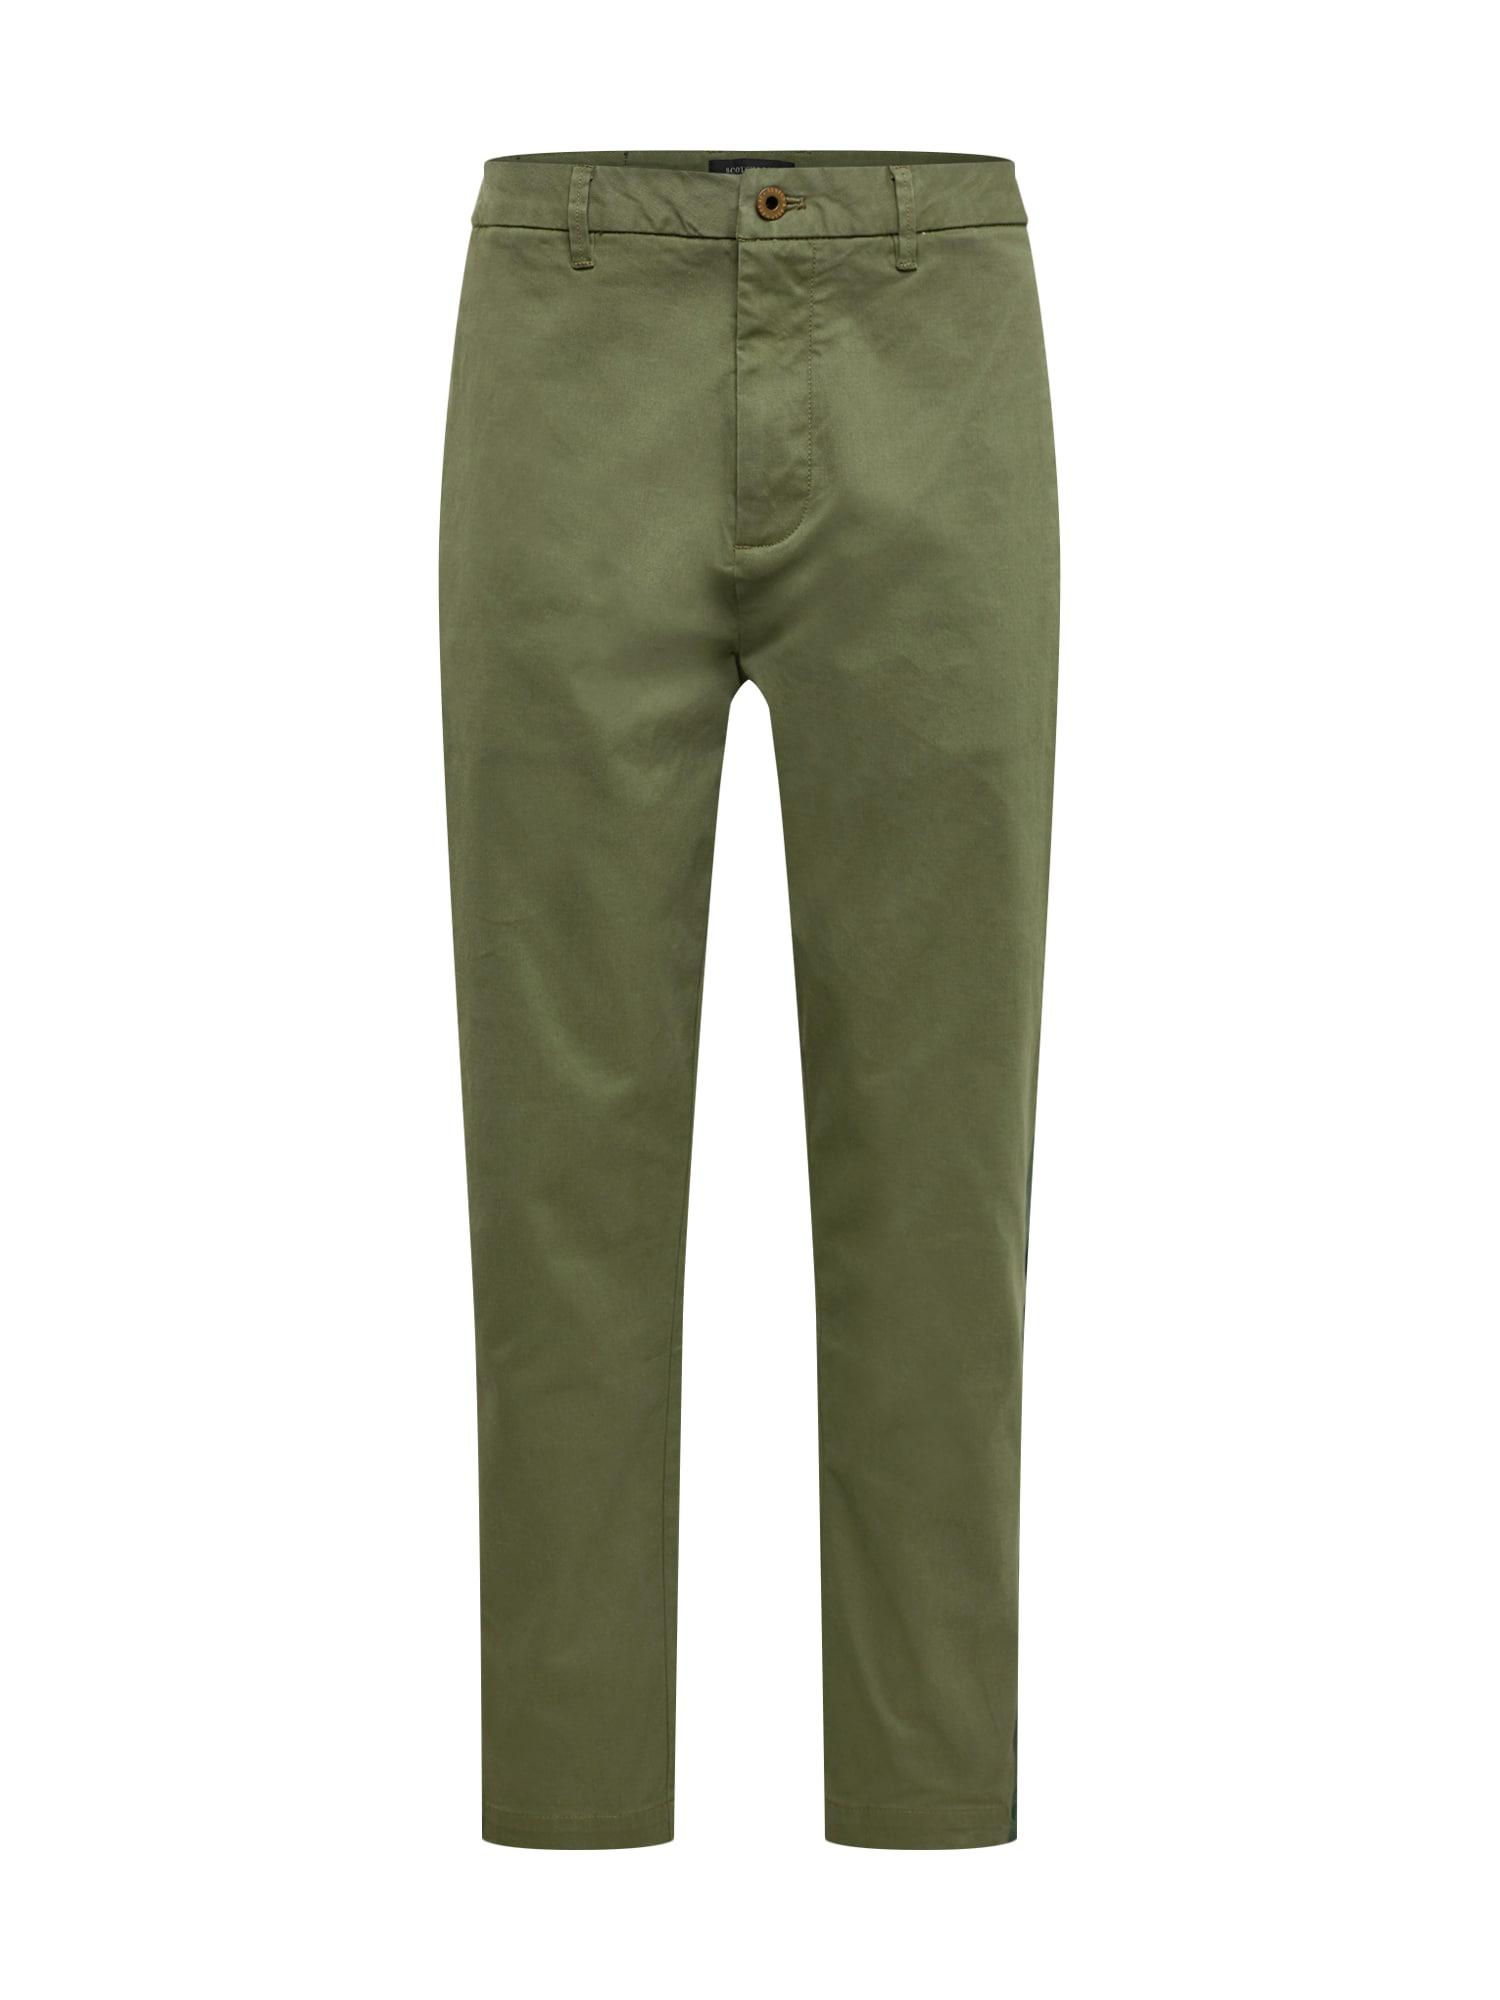 Chino kalhoty SEASONAL FIT- Twill chino with tonal printed side stripe khaki SCOTCH & SODA